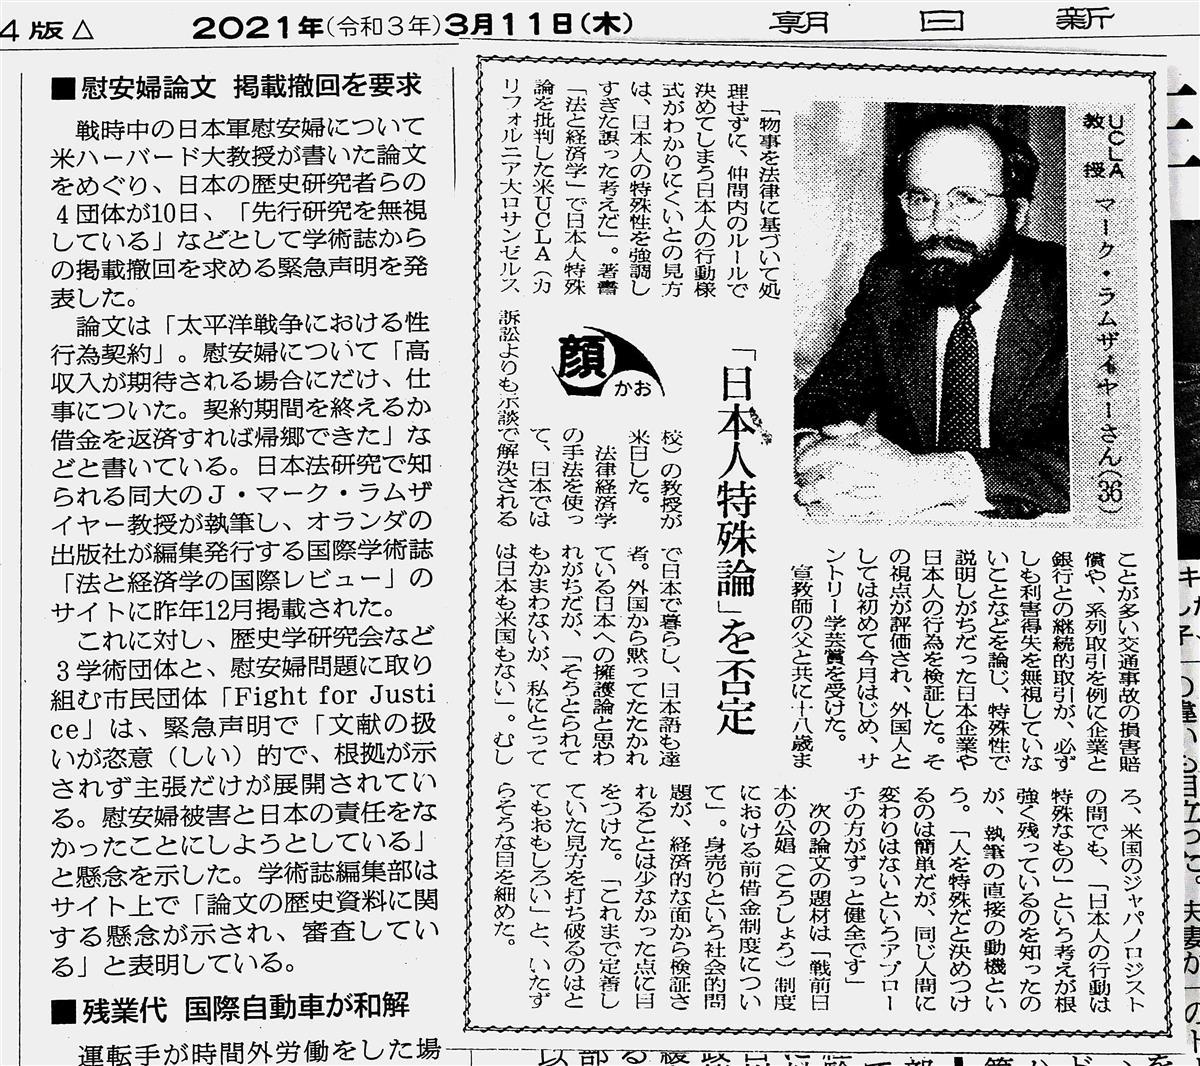 ラムザイヤー教授の論文問題を報じる3月11日の記事(左)と、1990年12月21日の紹介記事(右)